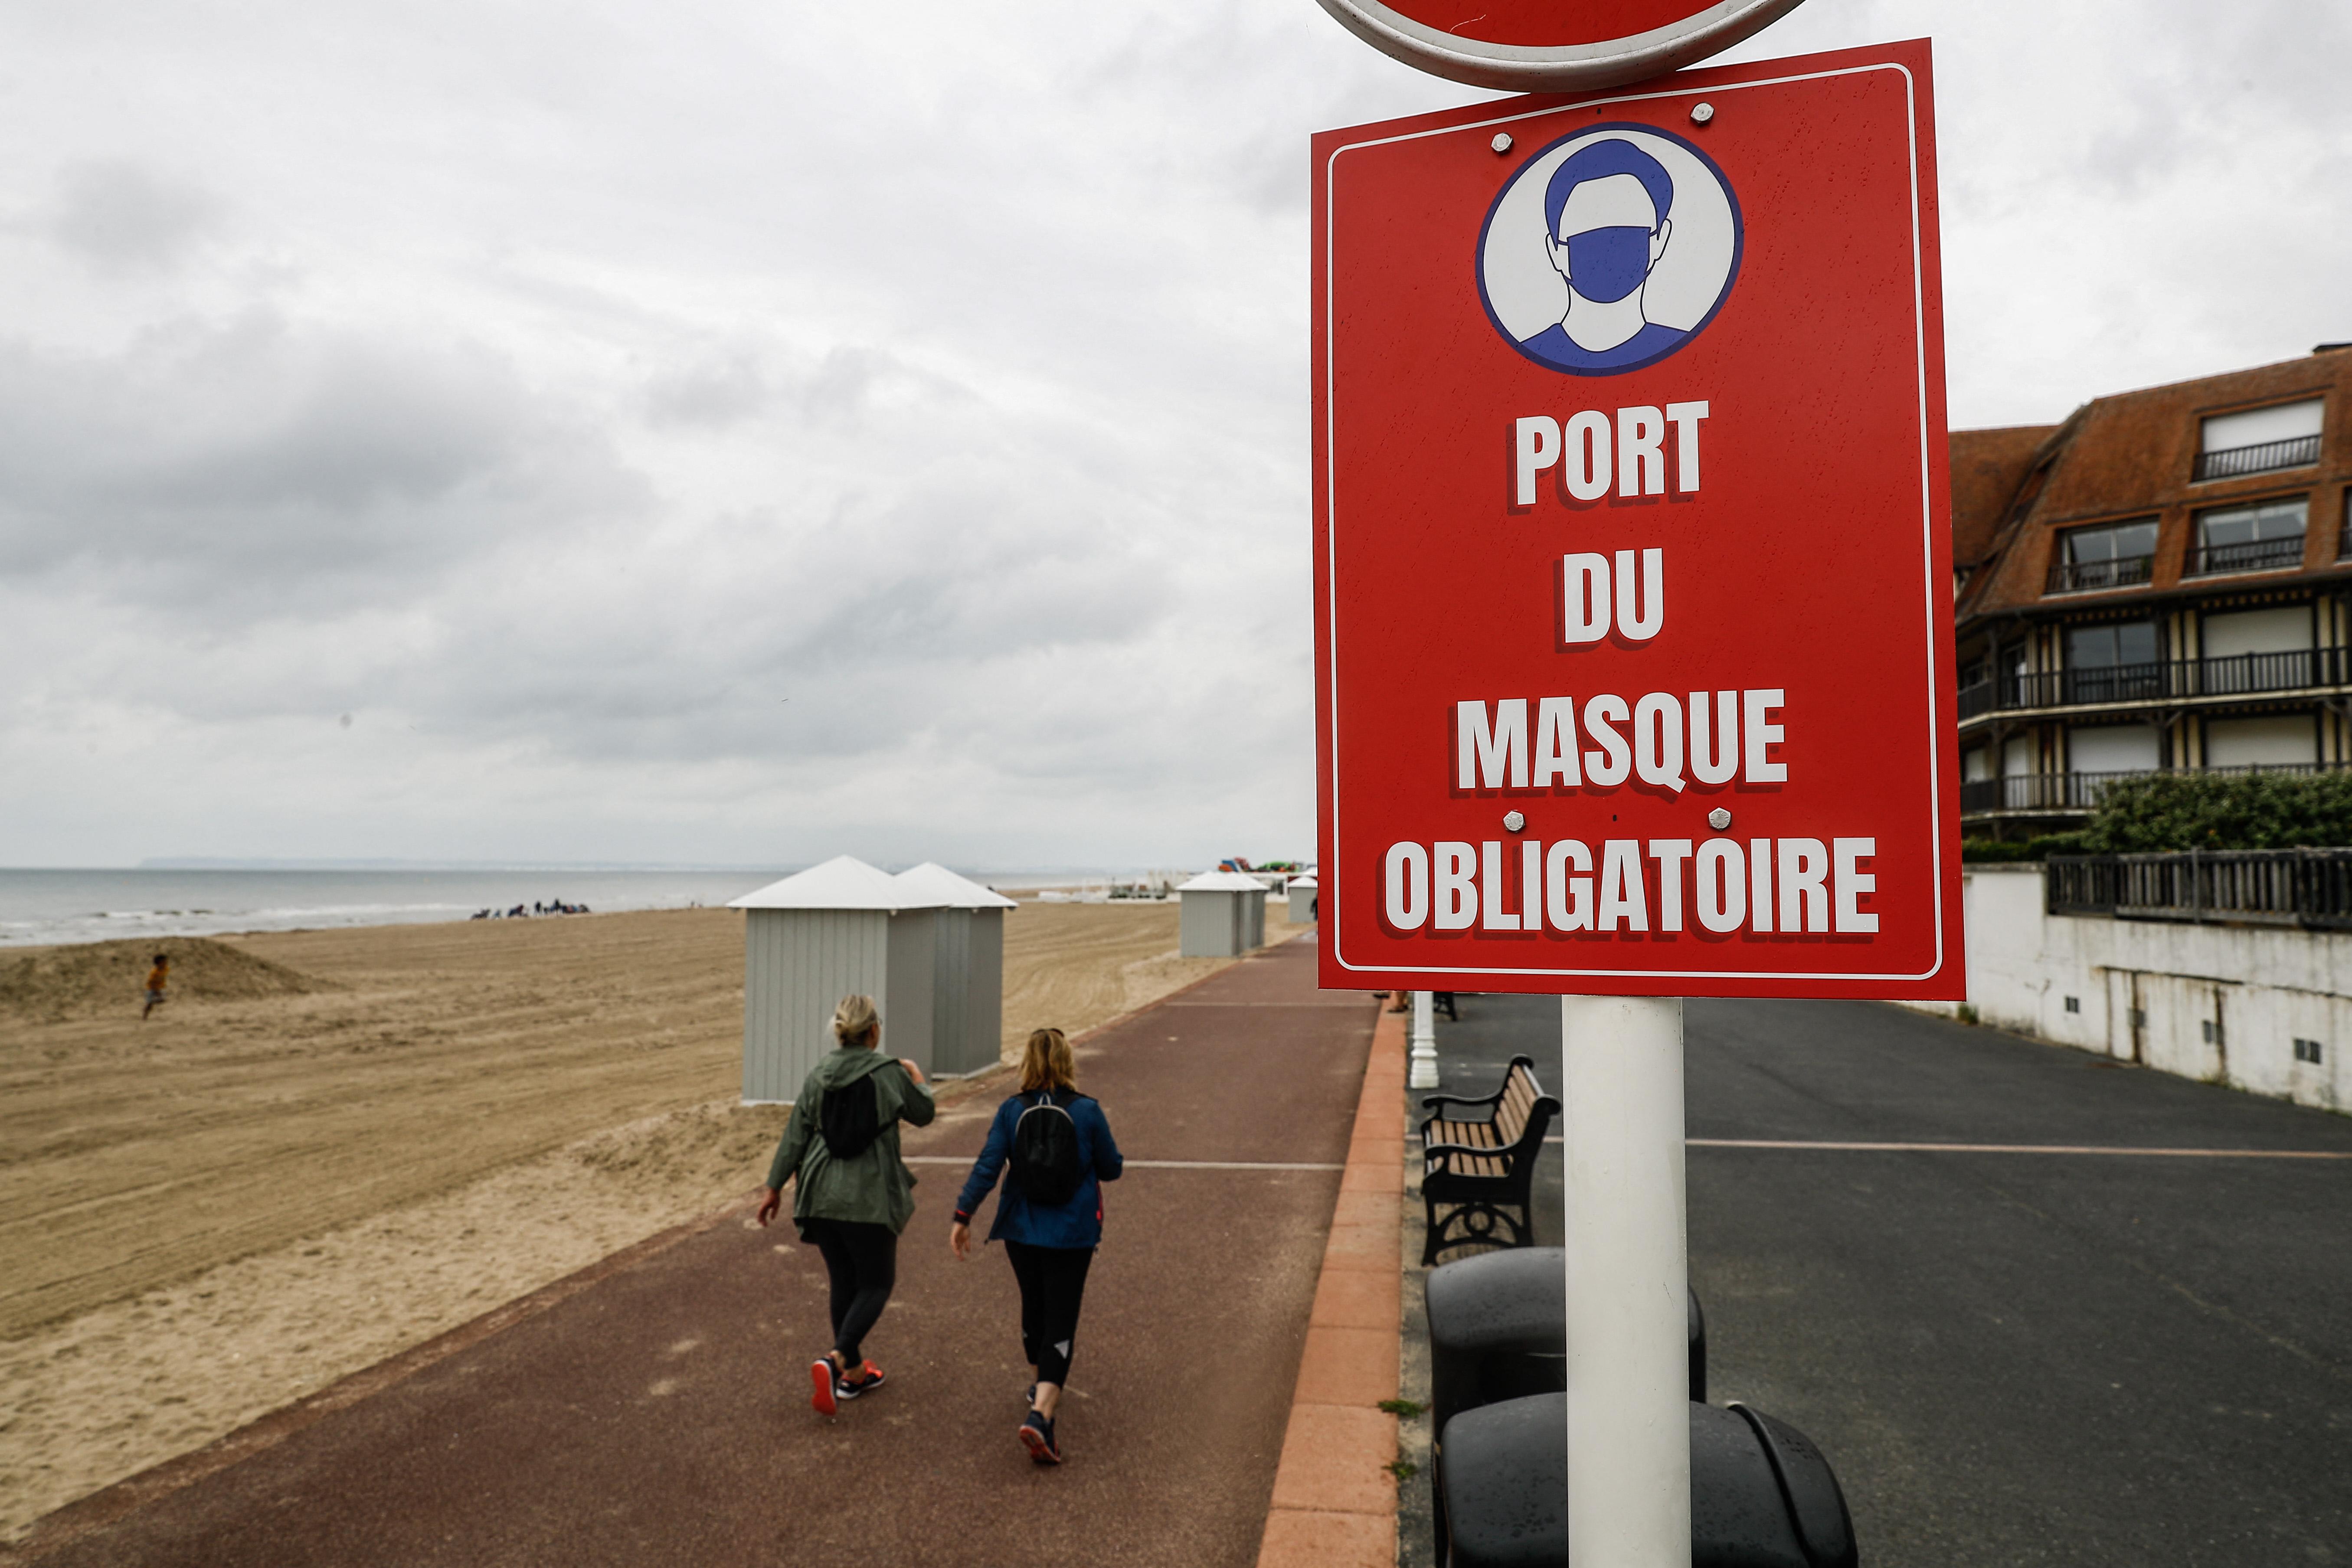 Újra kötelező a kültéri maszkviselés a francia nyaralóhelyeken